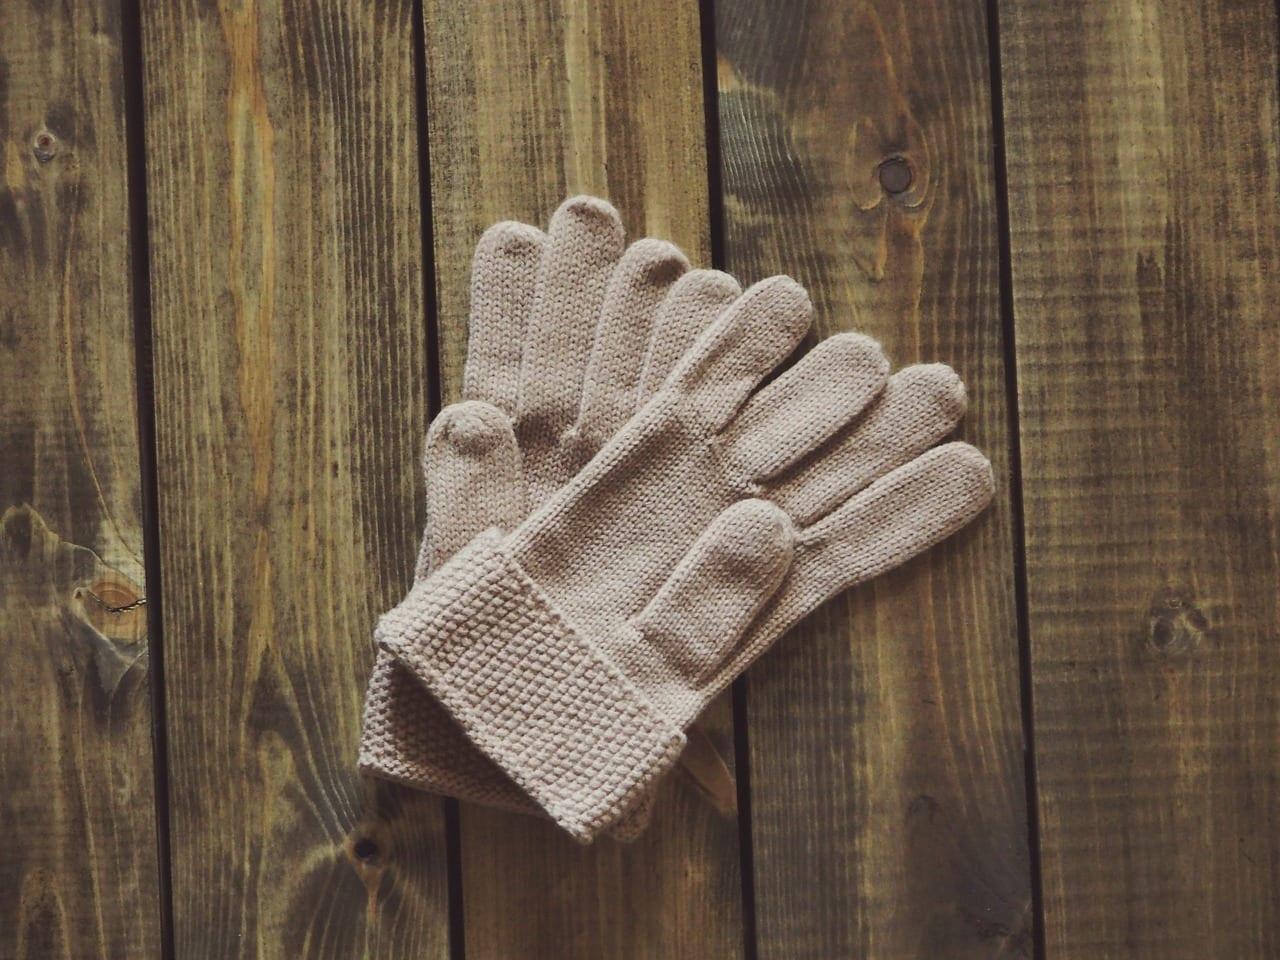 rukavice-sezona-drevena-podlaha-starostlivost-drevo